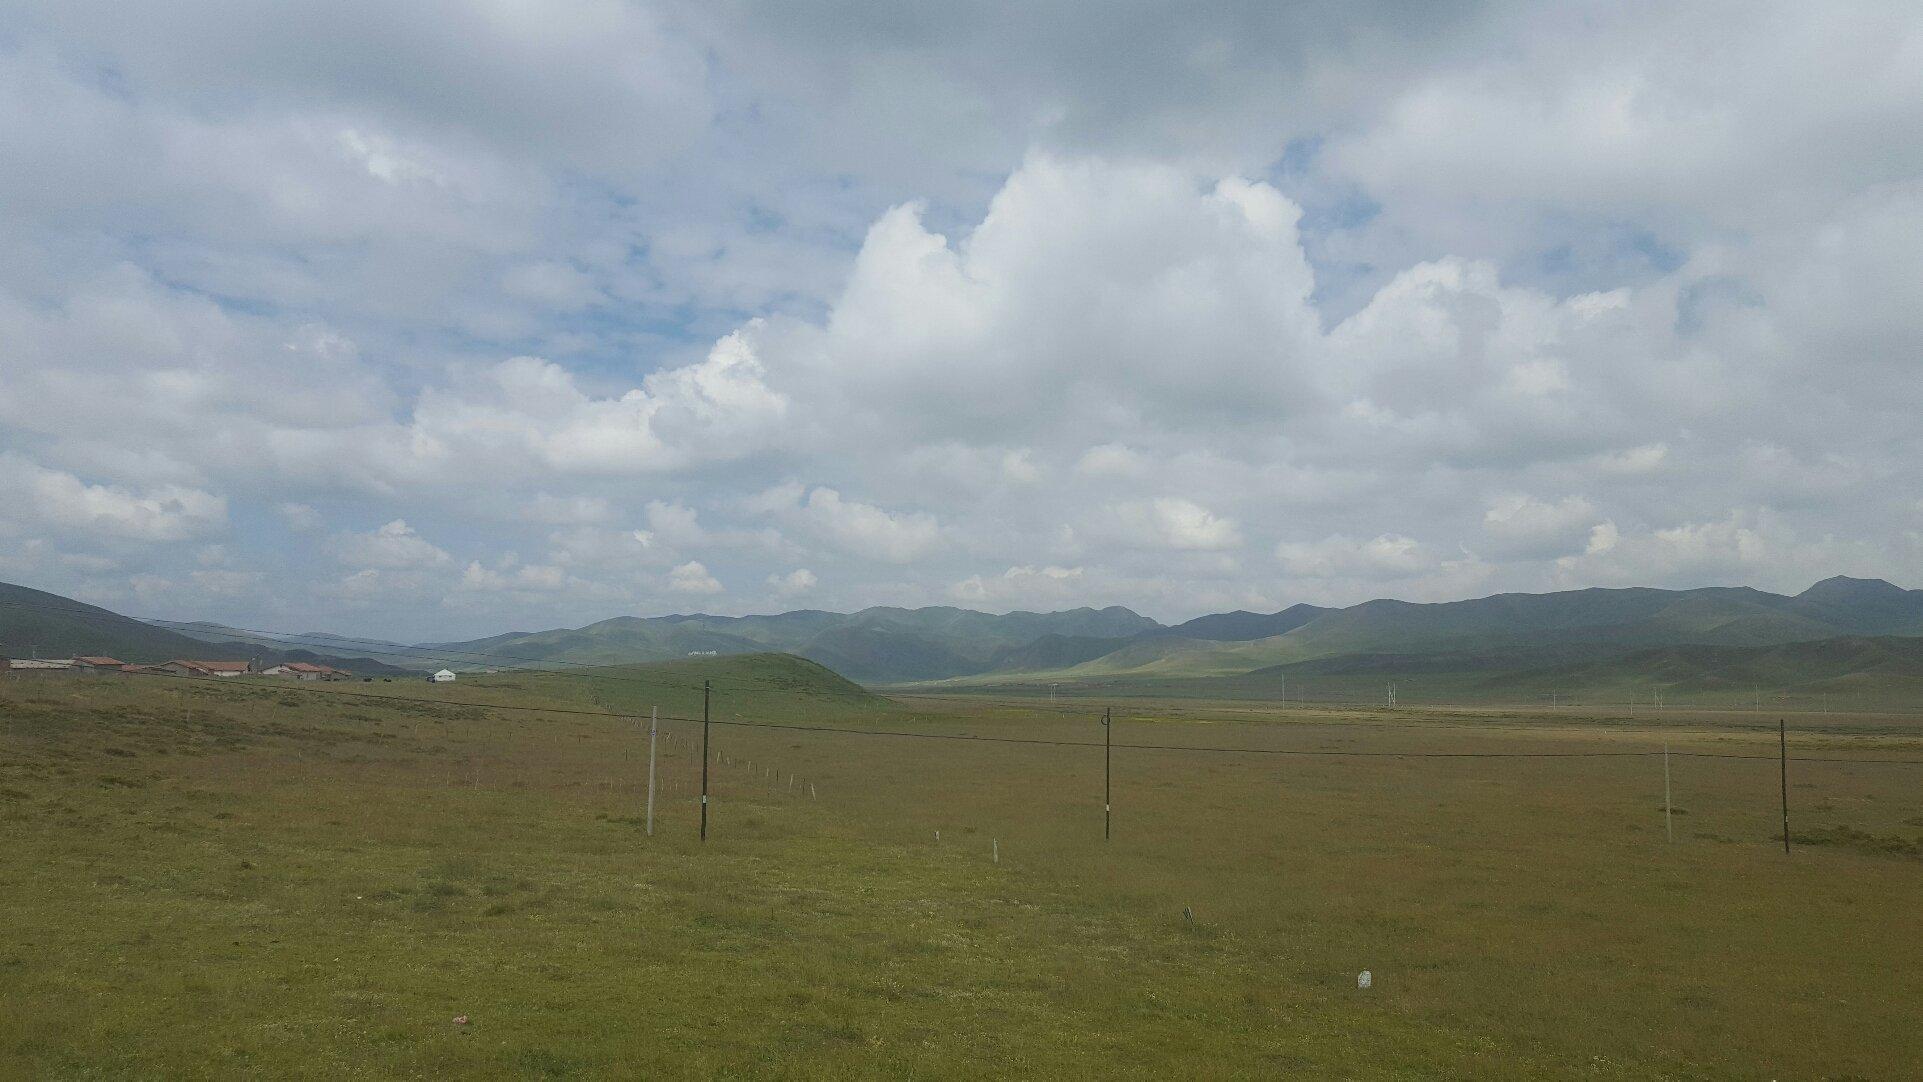 甘肃省甘南藏族自治州碌曲县213国道靠近多喀尕秀天气预报